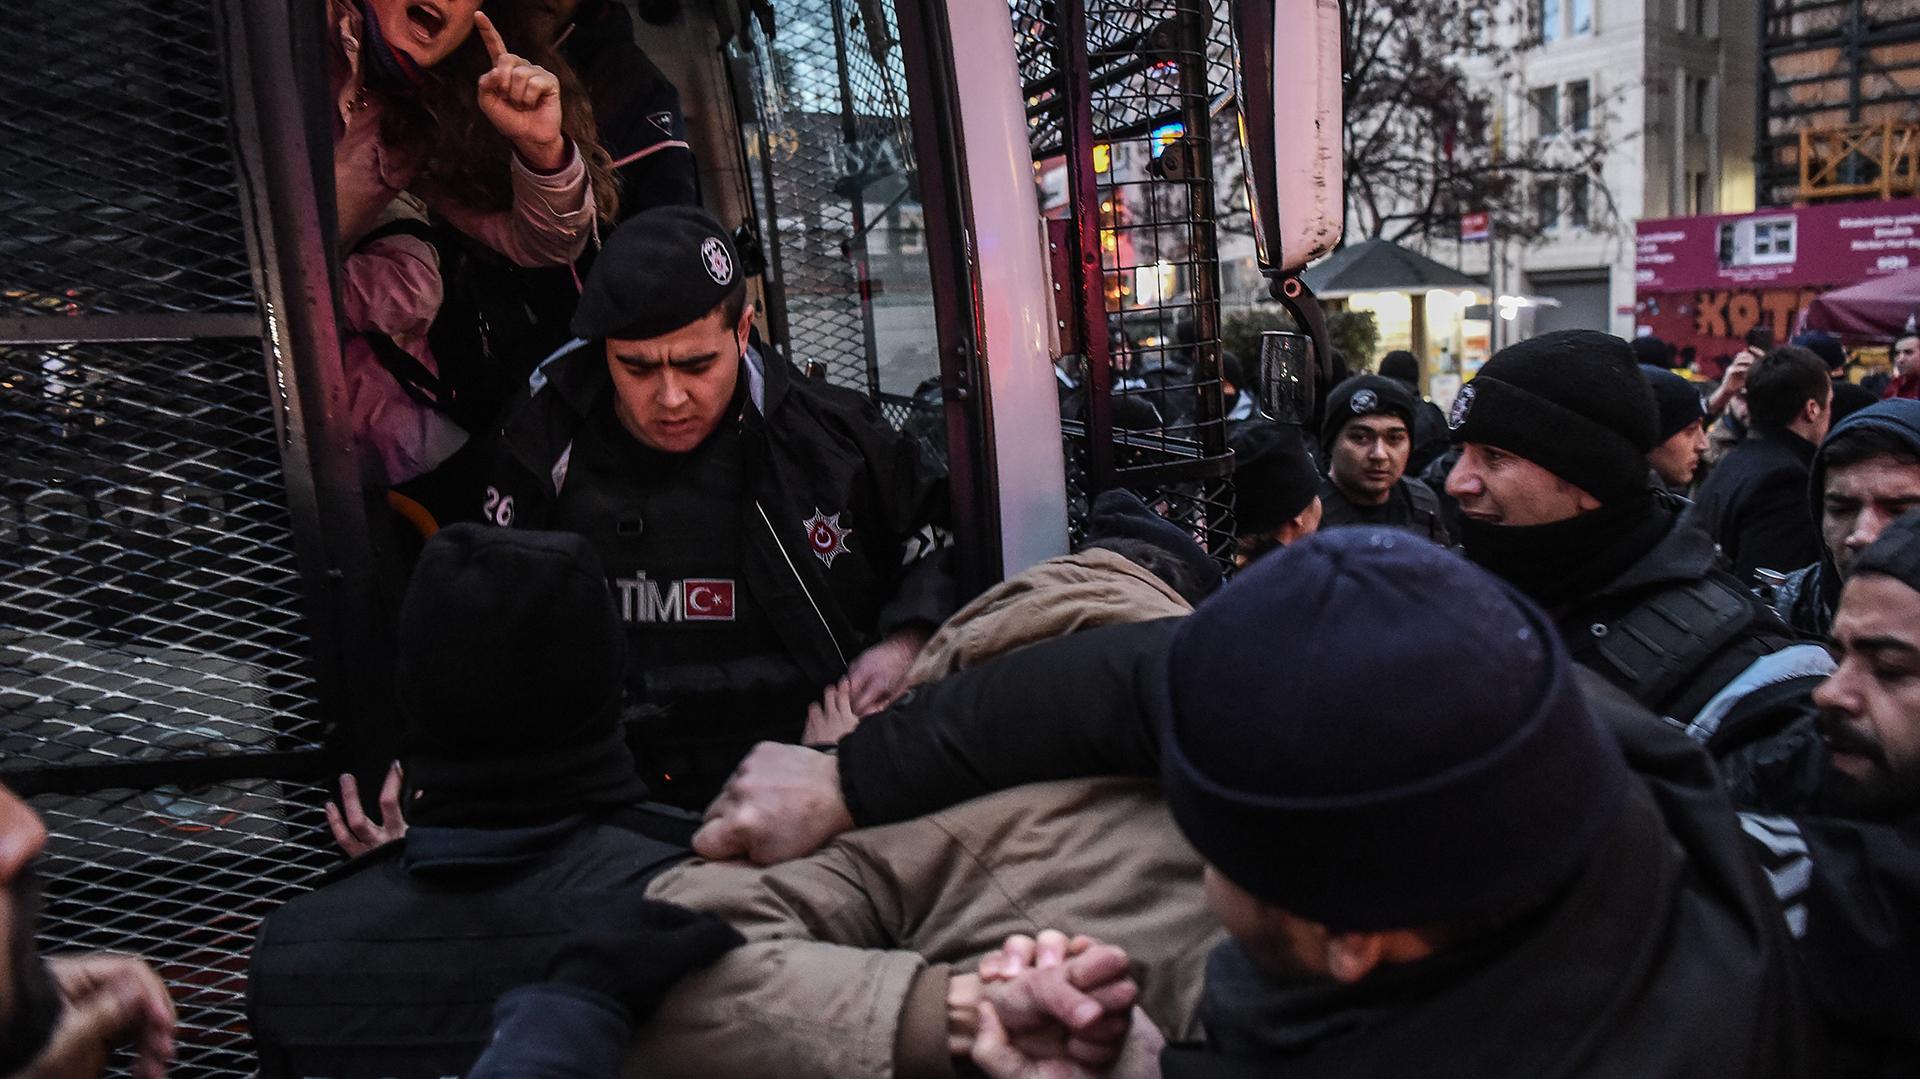 Más de 1.600 personas fueron detenidas en los últimos seis meses en Turquía (AFP)